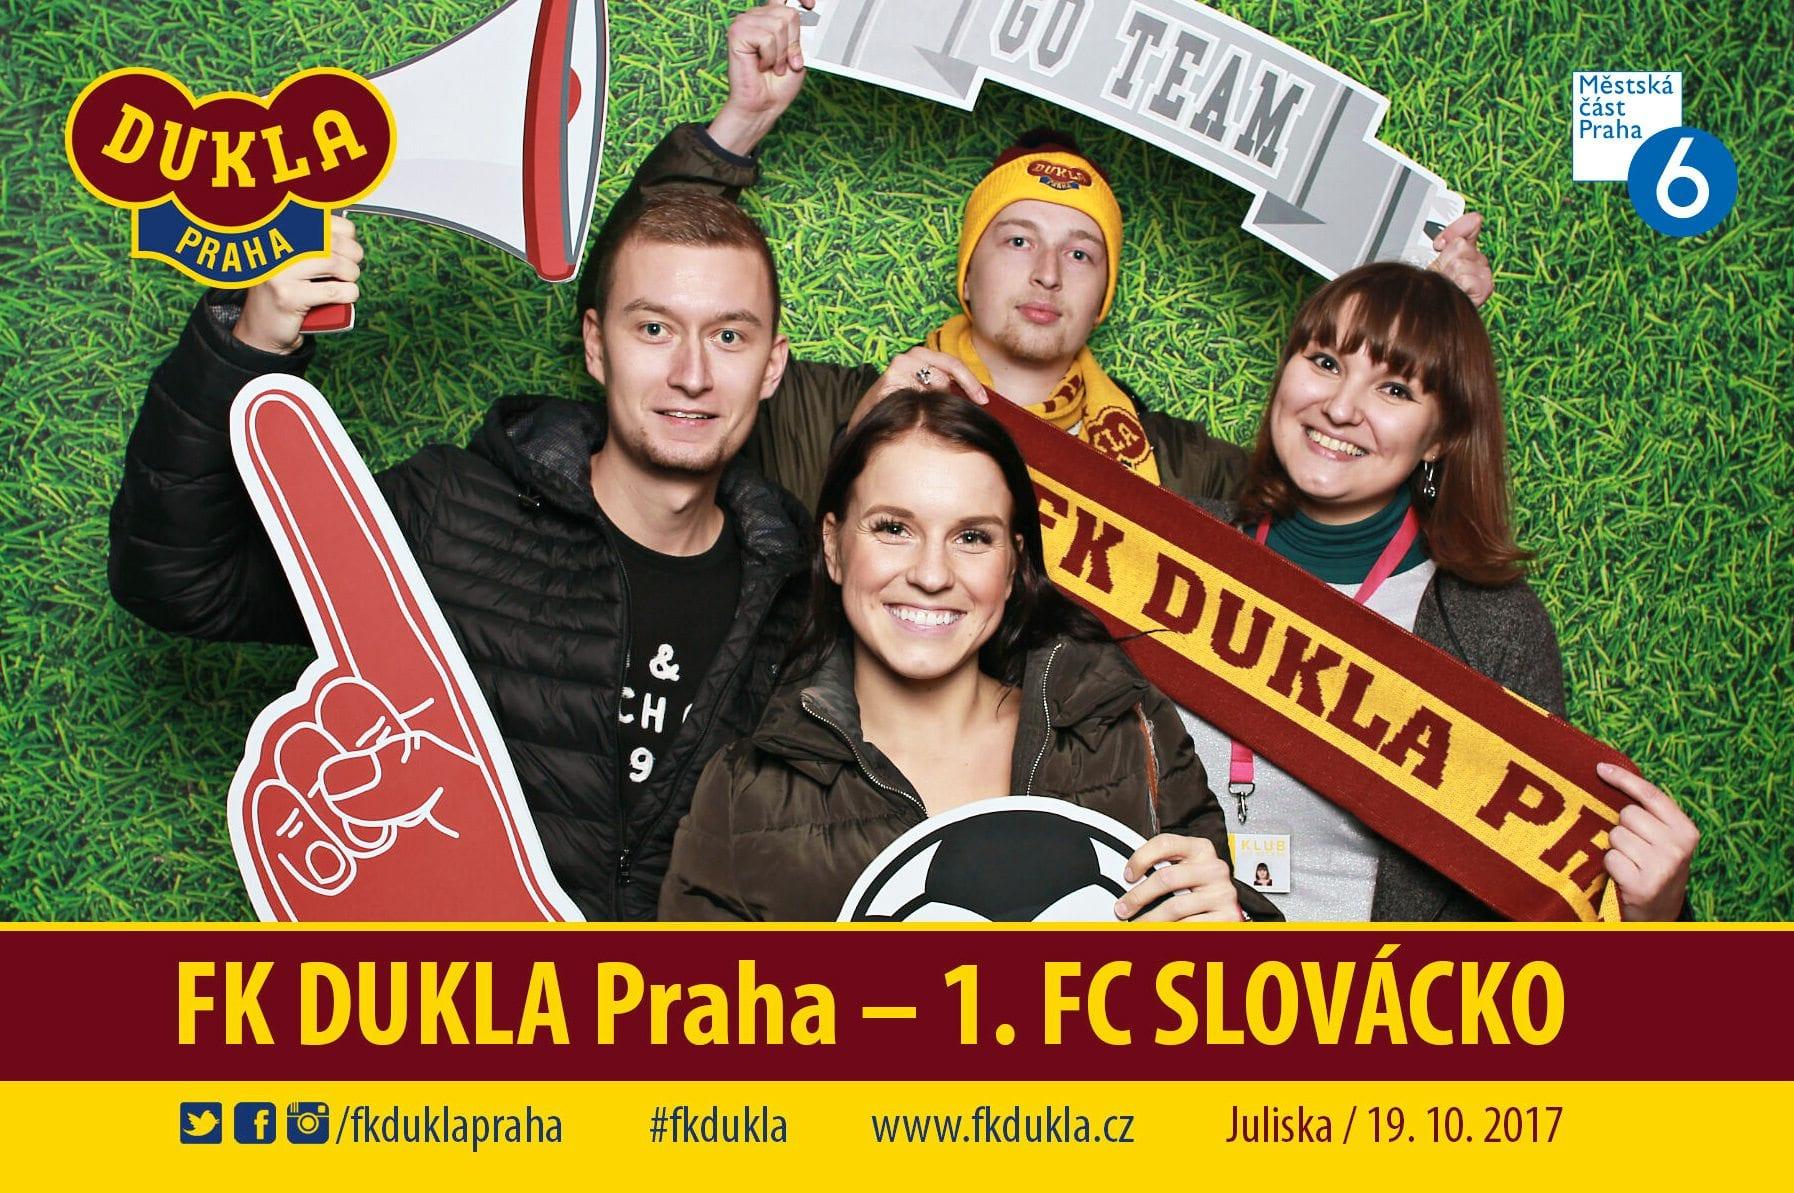 fotokoutek-fk-dukla-praha-19-10-2017-326682